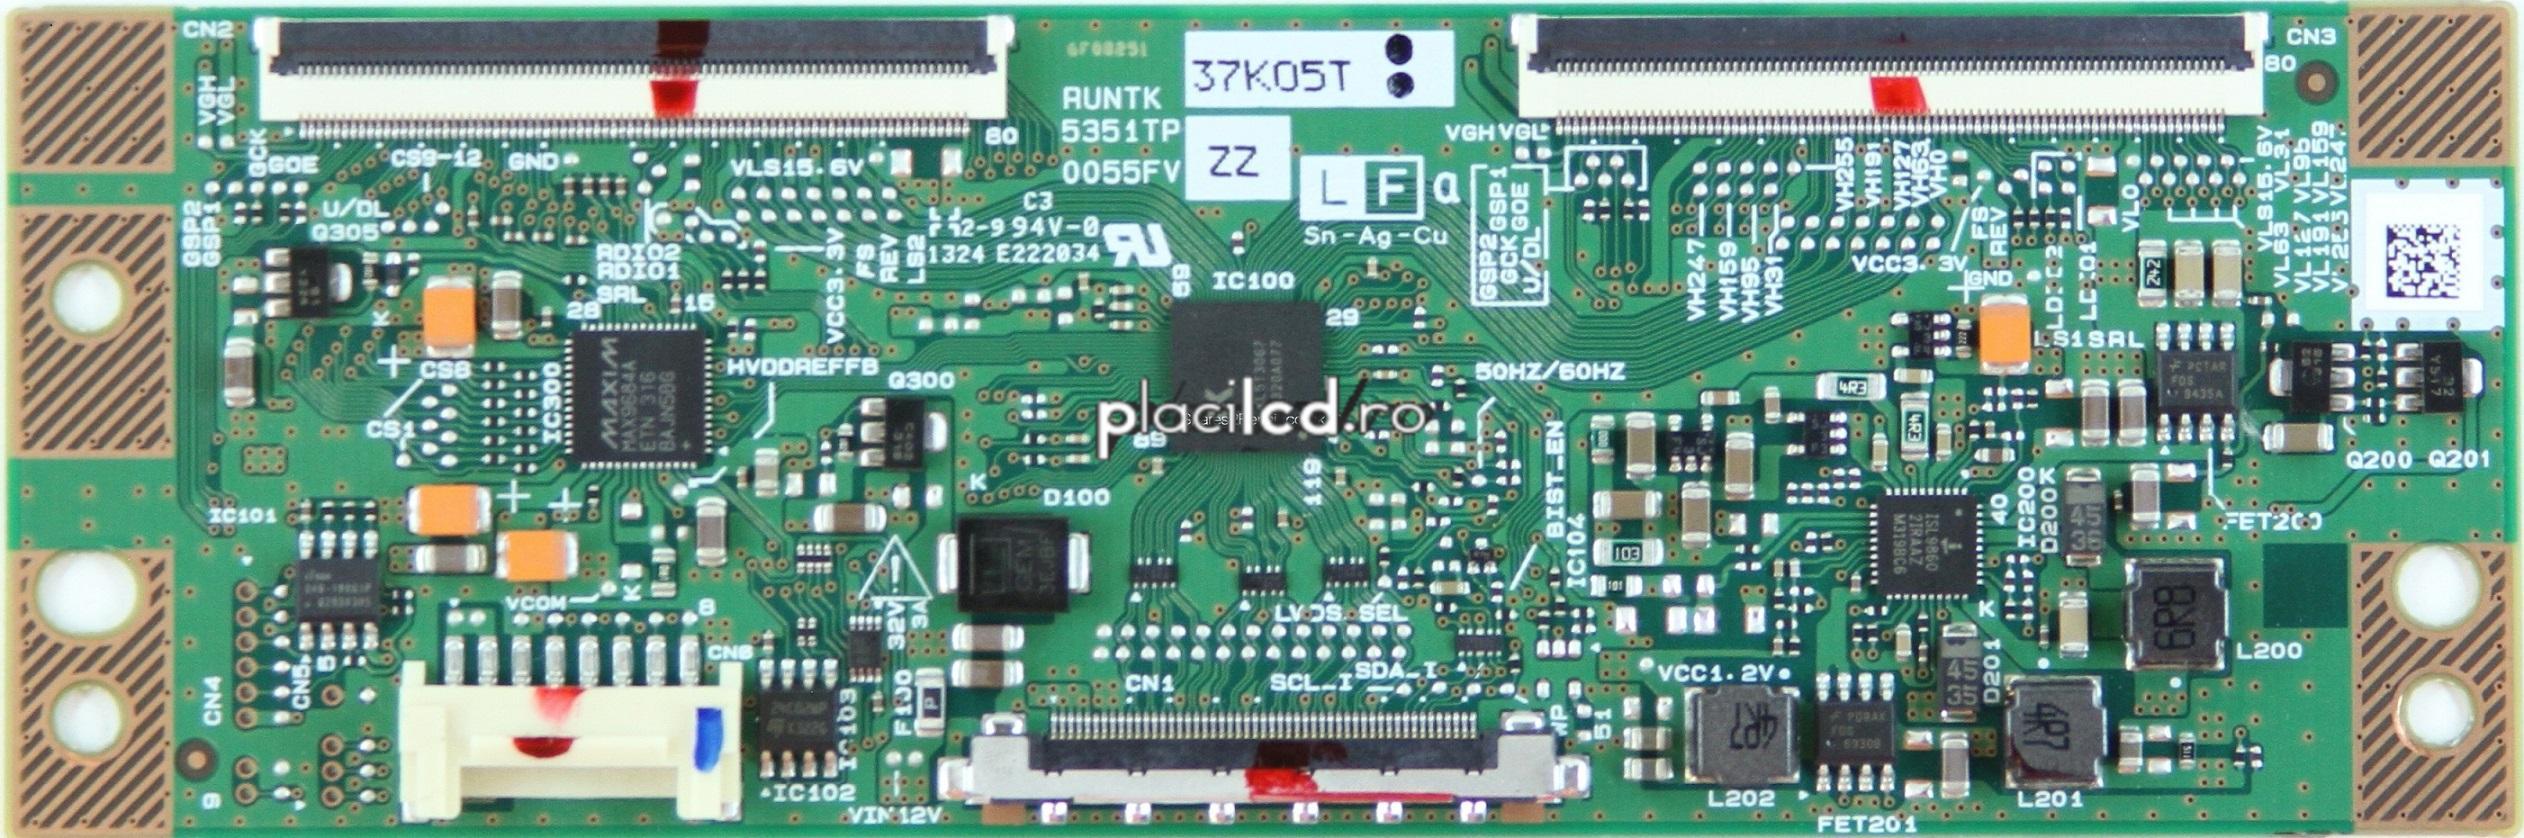 Placa LVDS model RUNTK5351TP